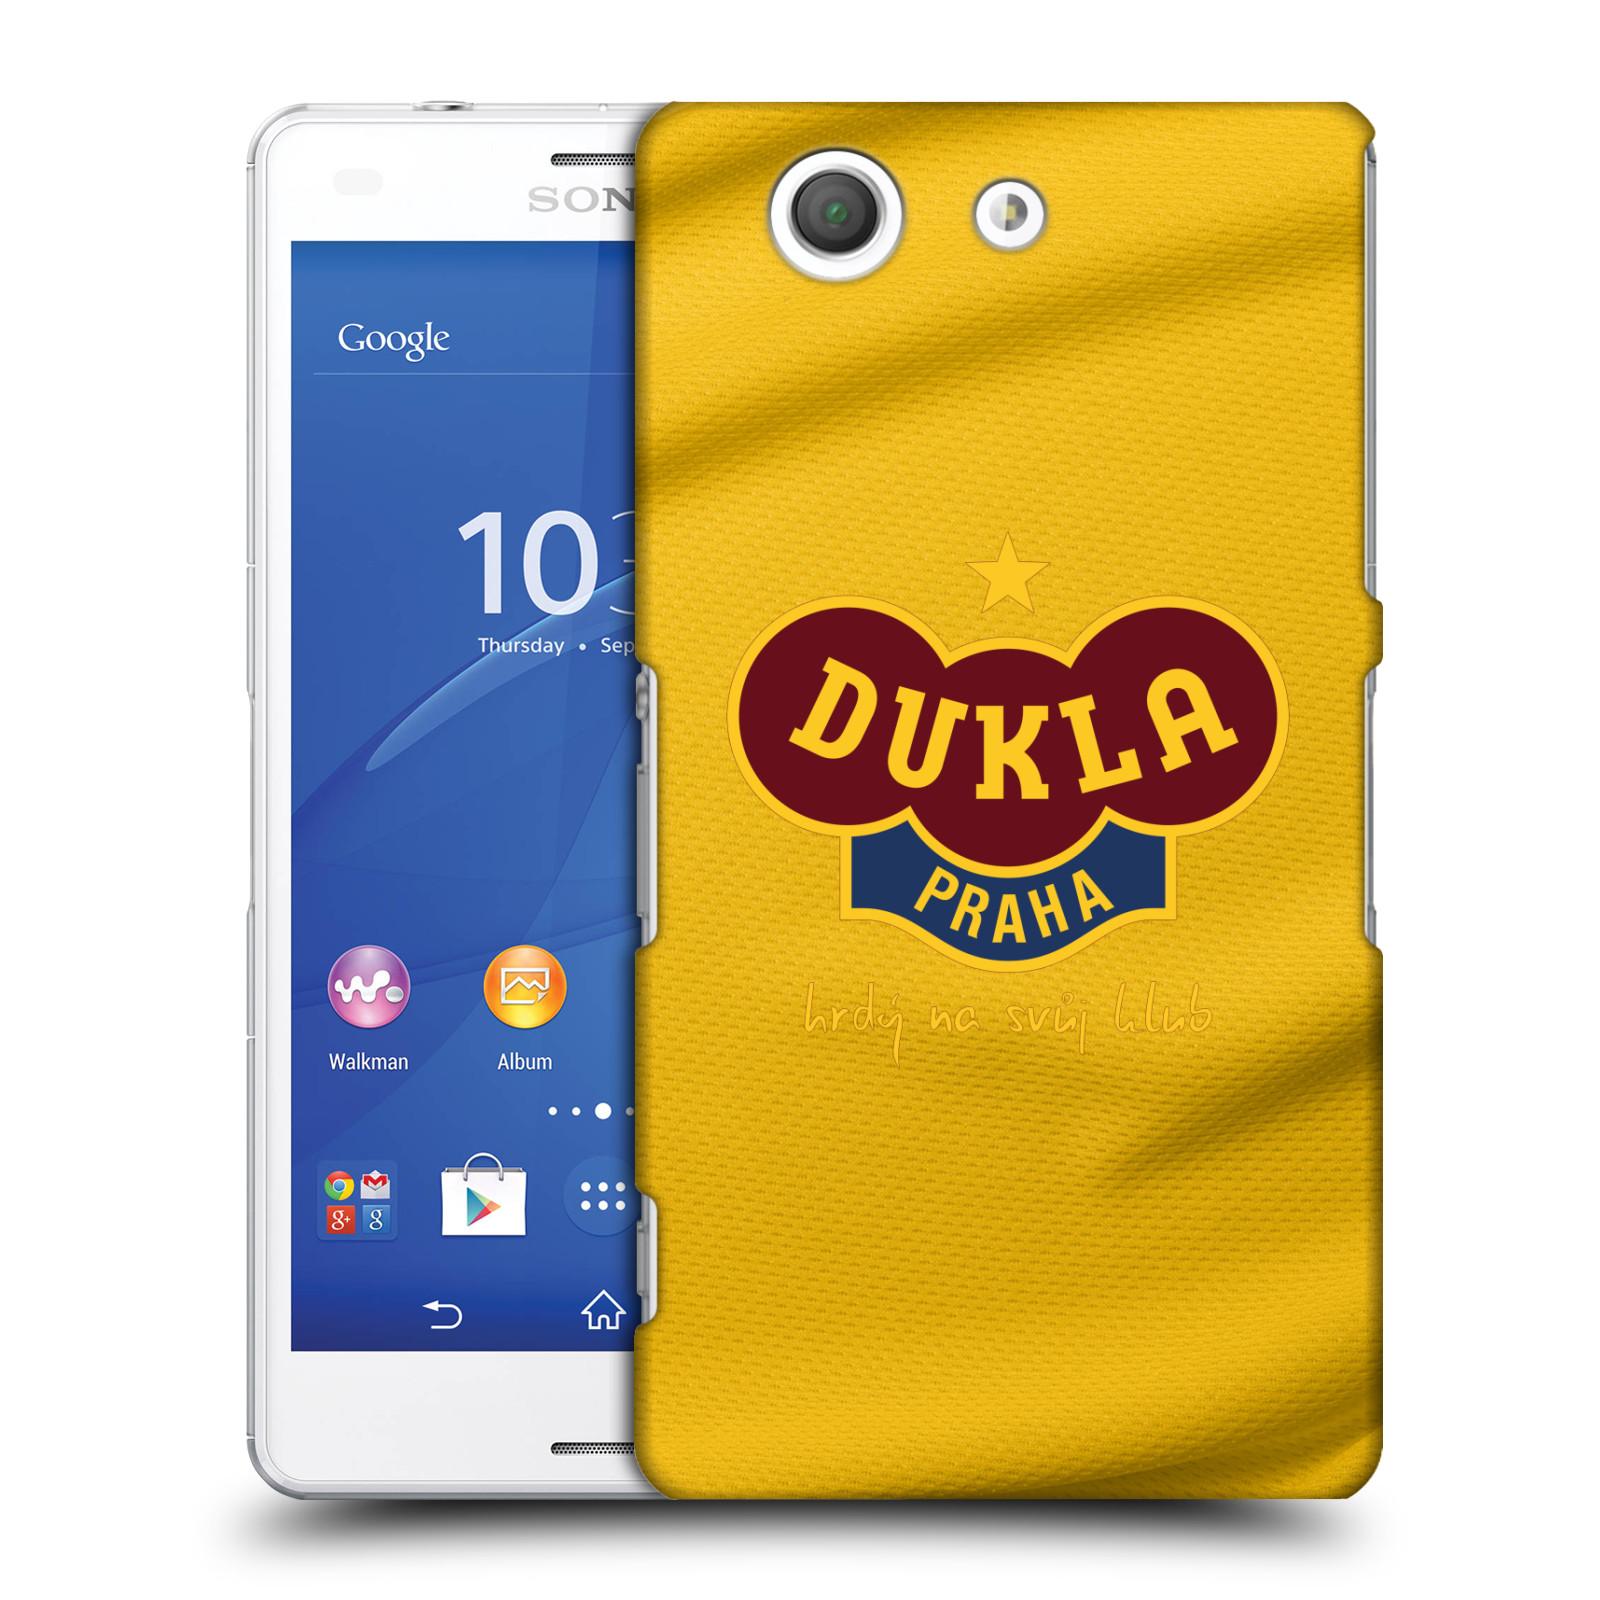 Plastové pouzdro na mobil Sony Xperia Z3 Compact D5803 - FK Dukla Praha - Žlutý dres